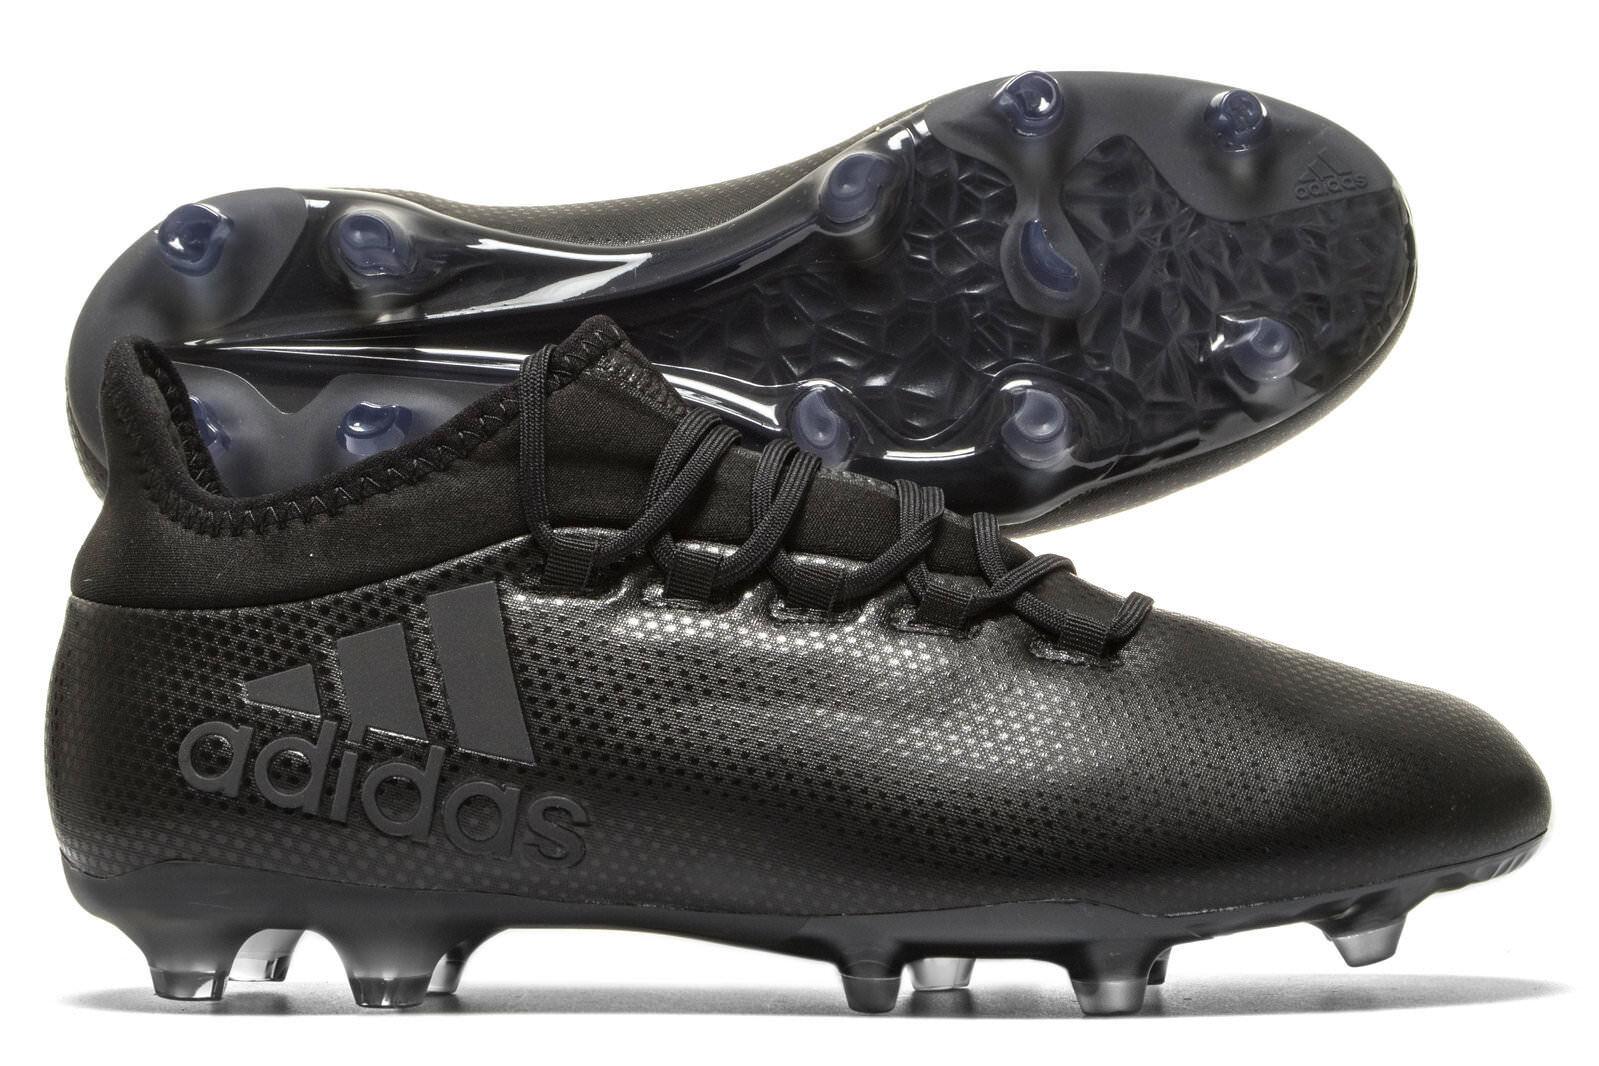 Adidas Para Hombre X 17.2 Terreno Firme Fútbol botas Tachuelas Zapatillas Zapatos Deportivos Negro